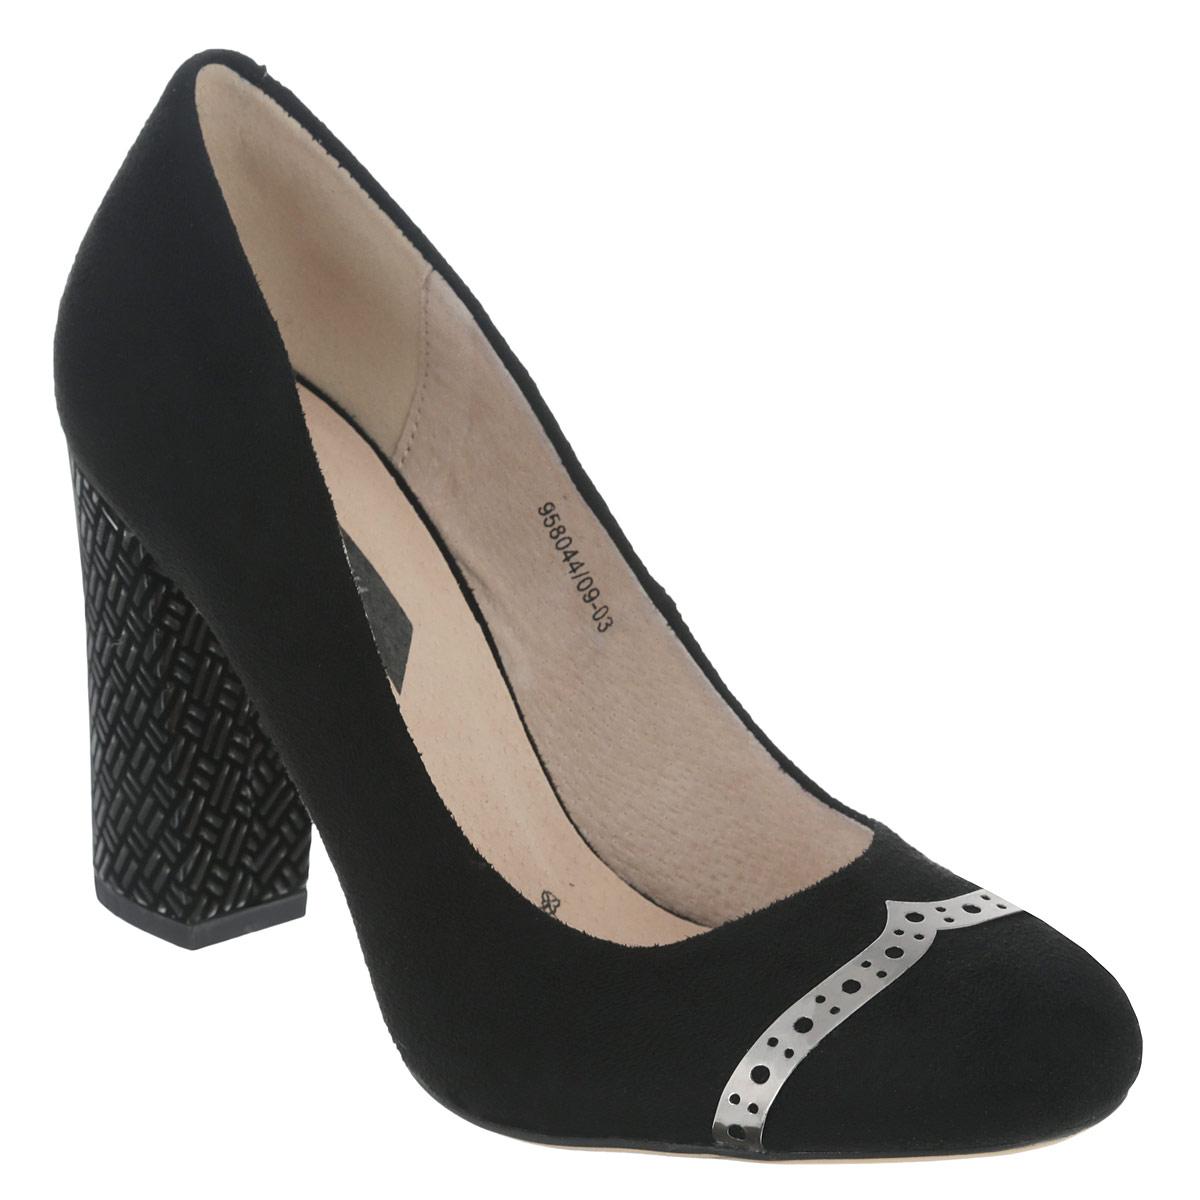 Туфли женские. 958044/09-03958044/09-03Эффектные женские туфли Elisabeth займут достойное место среди вашей коллекции обуви. Модель с округлым мысом изготовлена из искусственной замши. Мыс изделия оформлен перфорированной металлической вставкой. Стелька из натуральной кожи позволит ногам дышать. Умеренной высоты толстый каблук, оформленный геометрическим рисунком, обеспечит комфорт при ходьбе. Каблук и подошва дополнены противоскользящим рифлением. Стильные туфли покорят вас с первого взгляда.